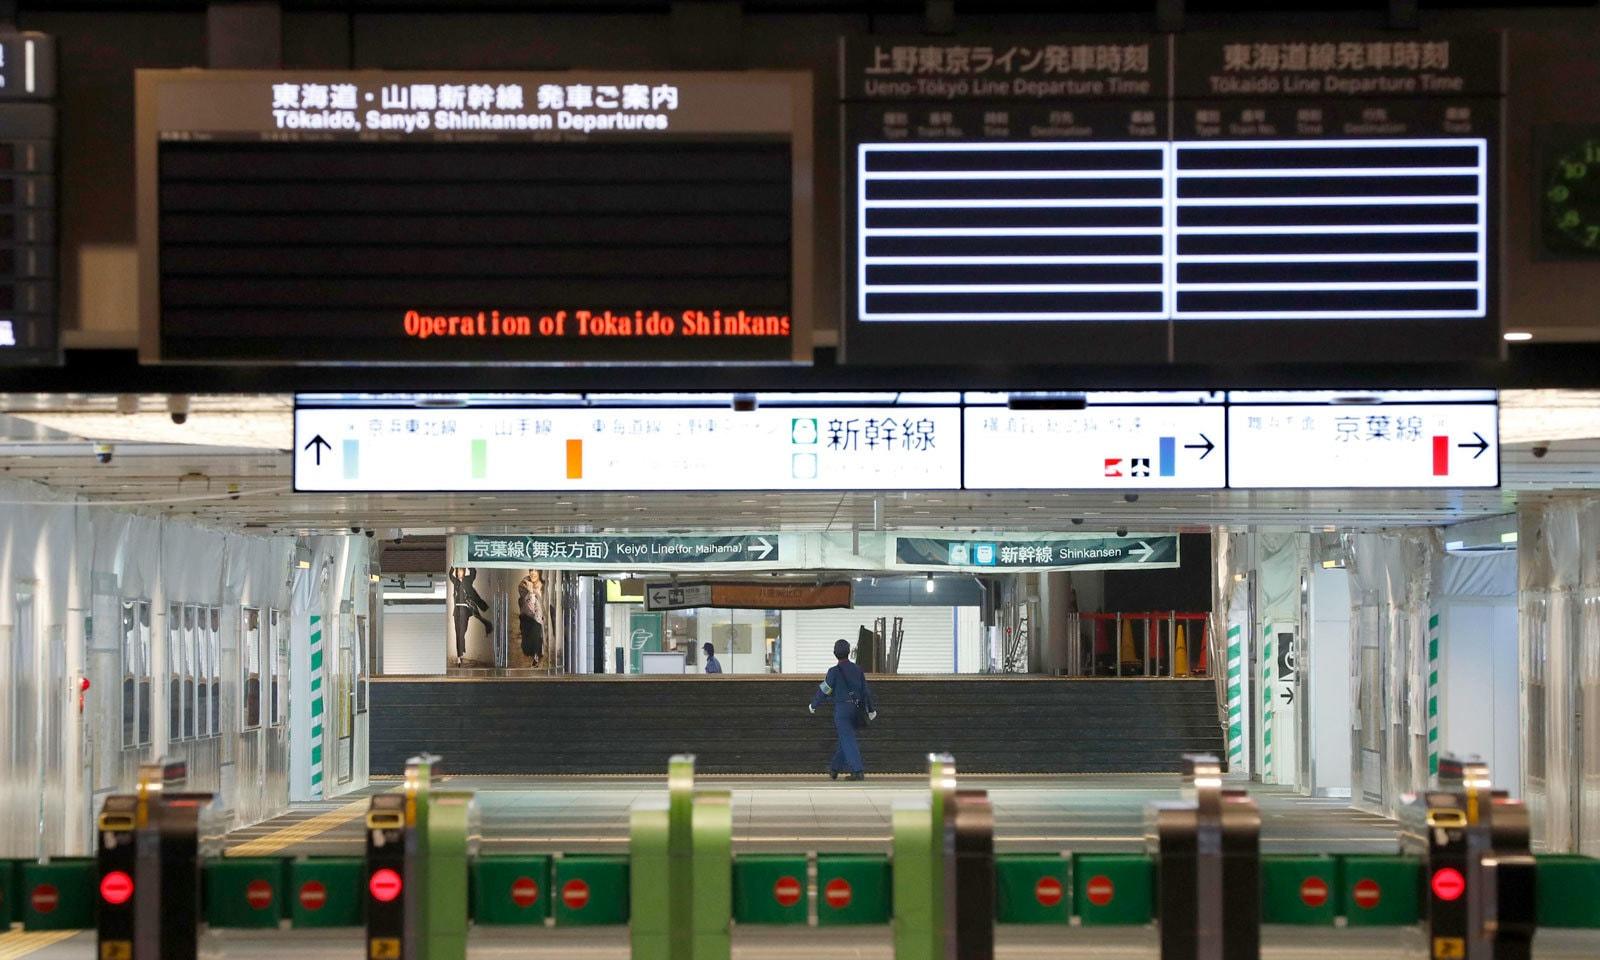 طوفان کے باعث ٹوکیو اسٹیشن سنسان نظر آرہا ہے — فوٹو: اے پی